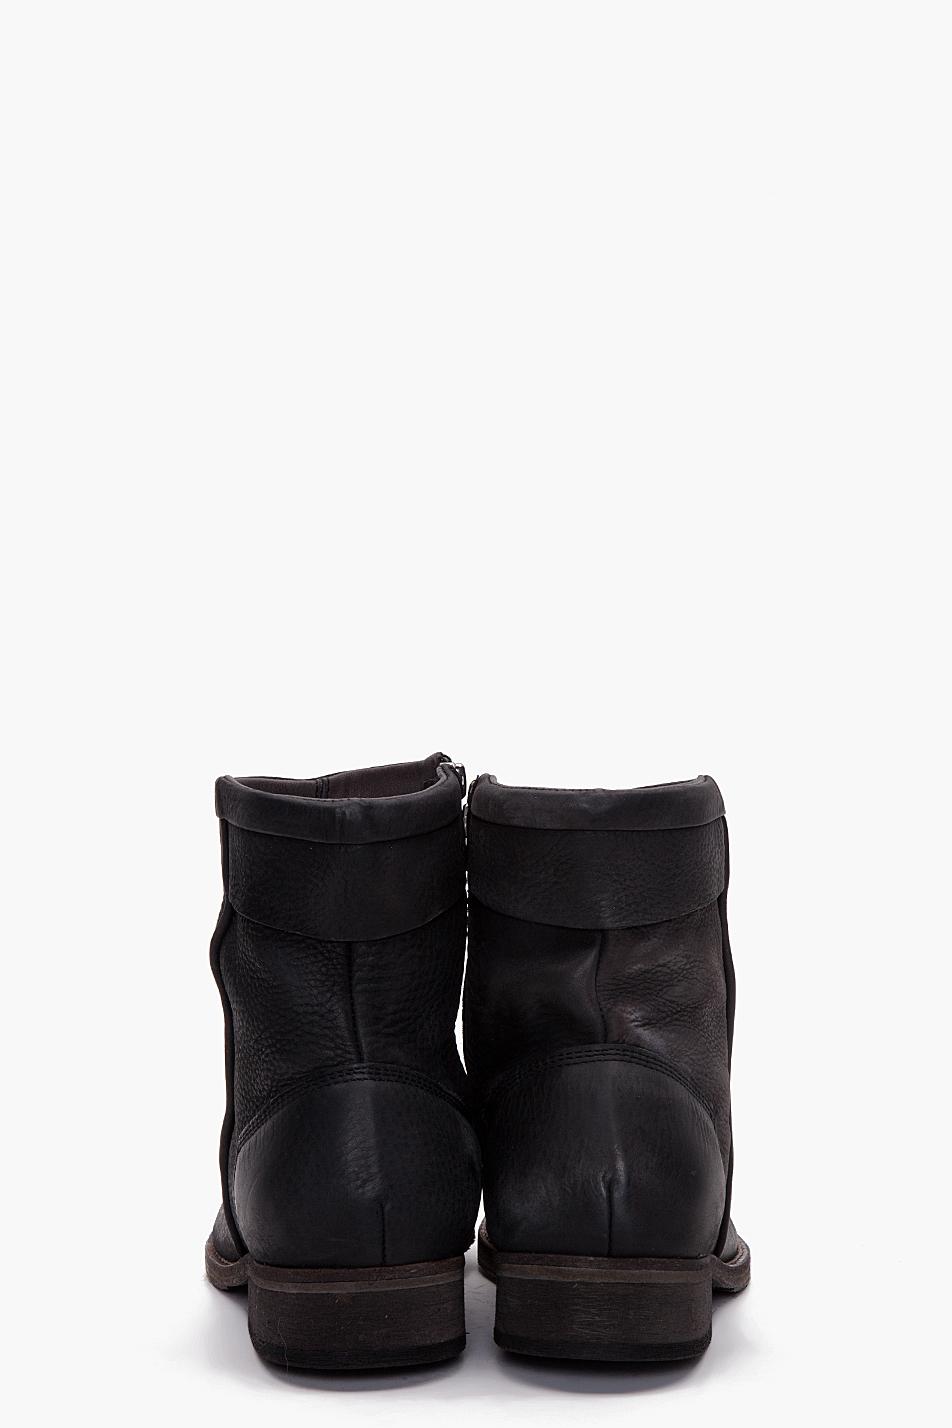 Ksubi Helter Boots In Black For Men Lyst